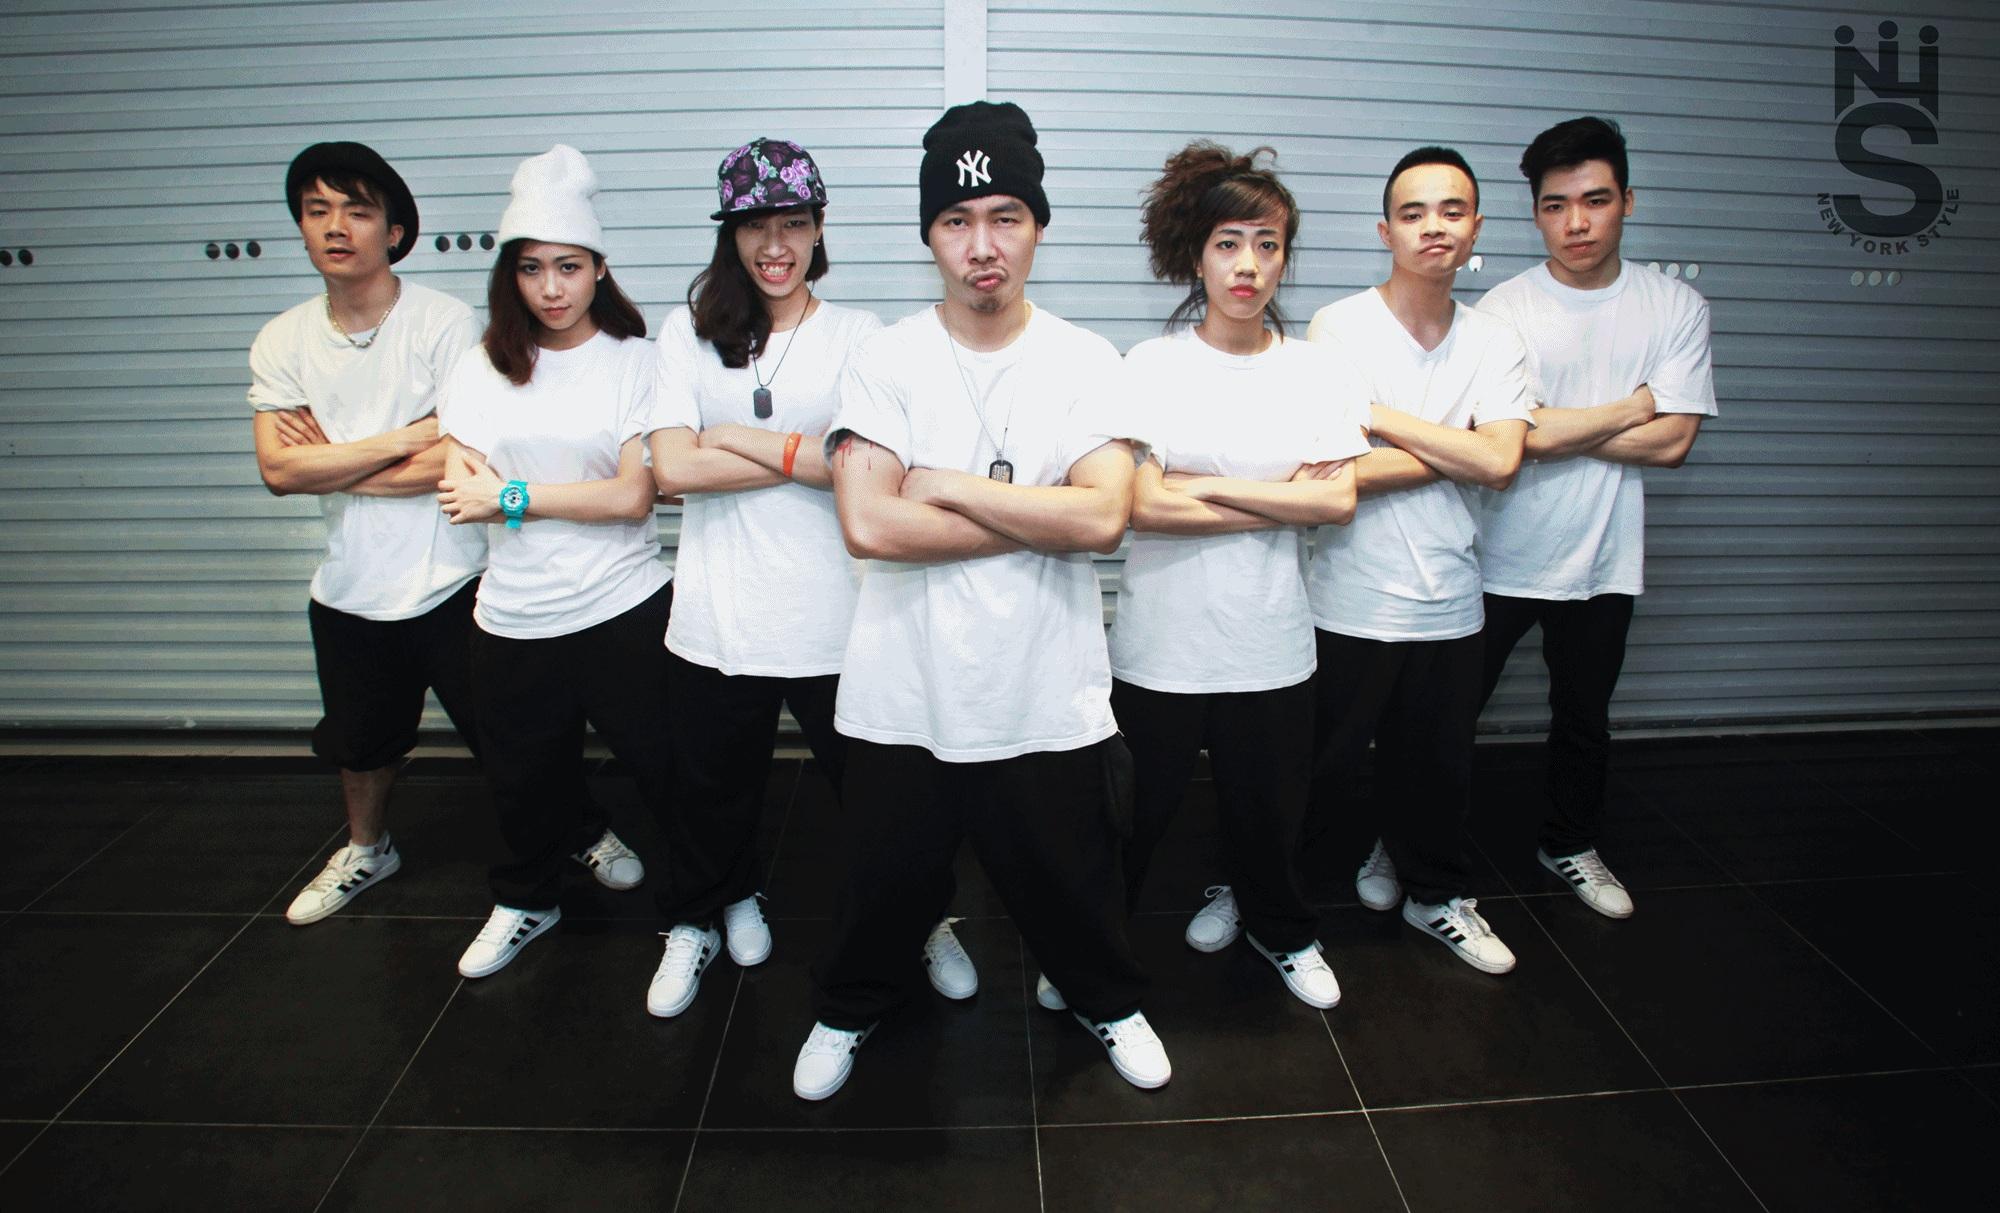 Giới Trẻ Hà Thành Đem Hip Hop Kết Hợp Múa Sạp Khuấy Động Năm Mới -